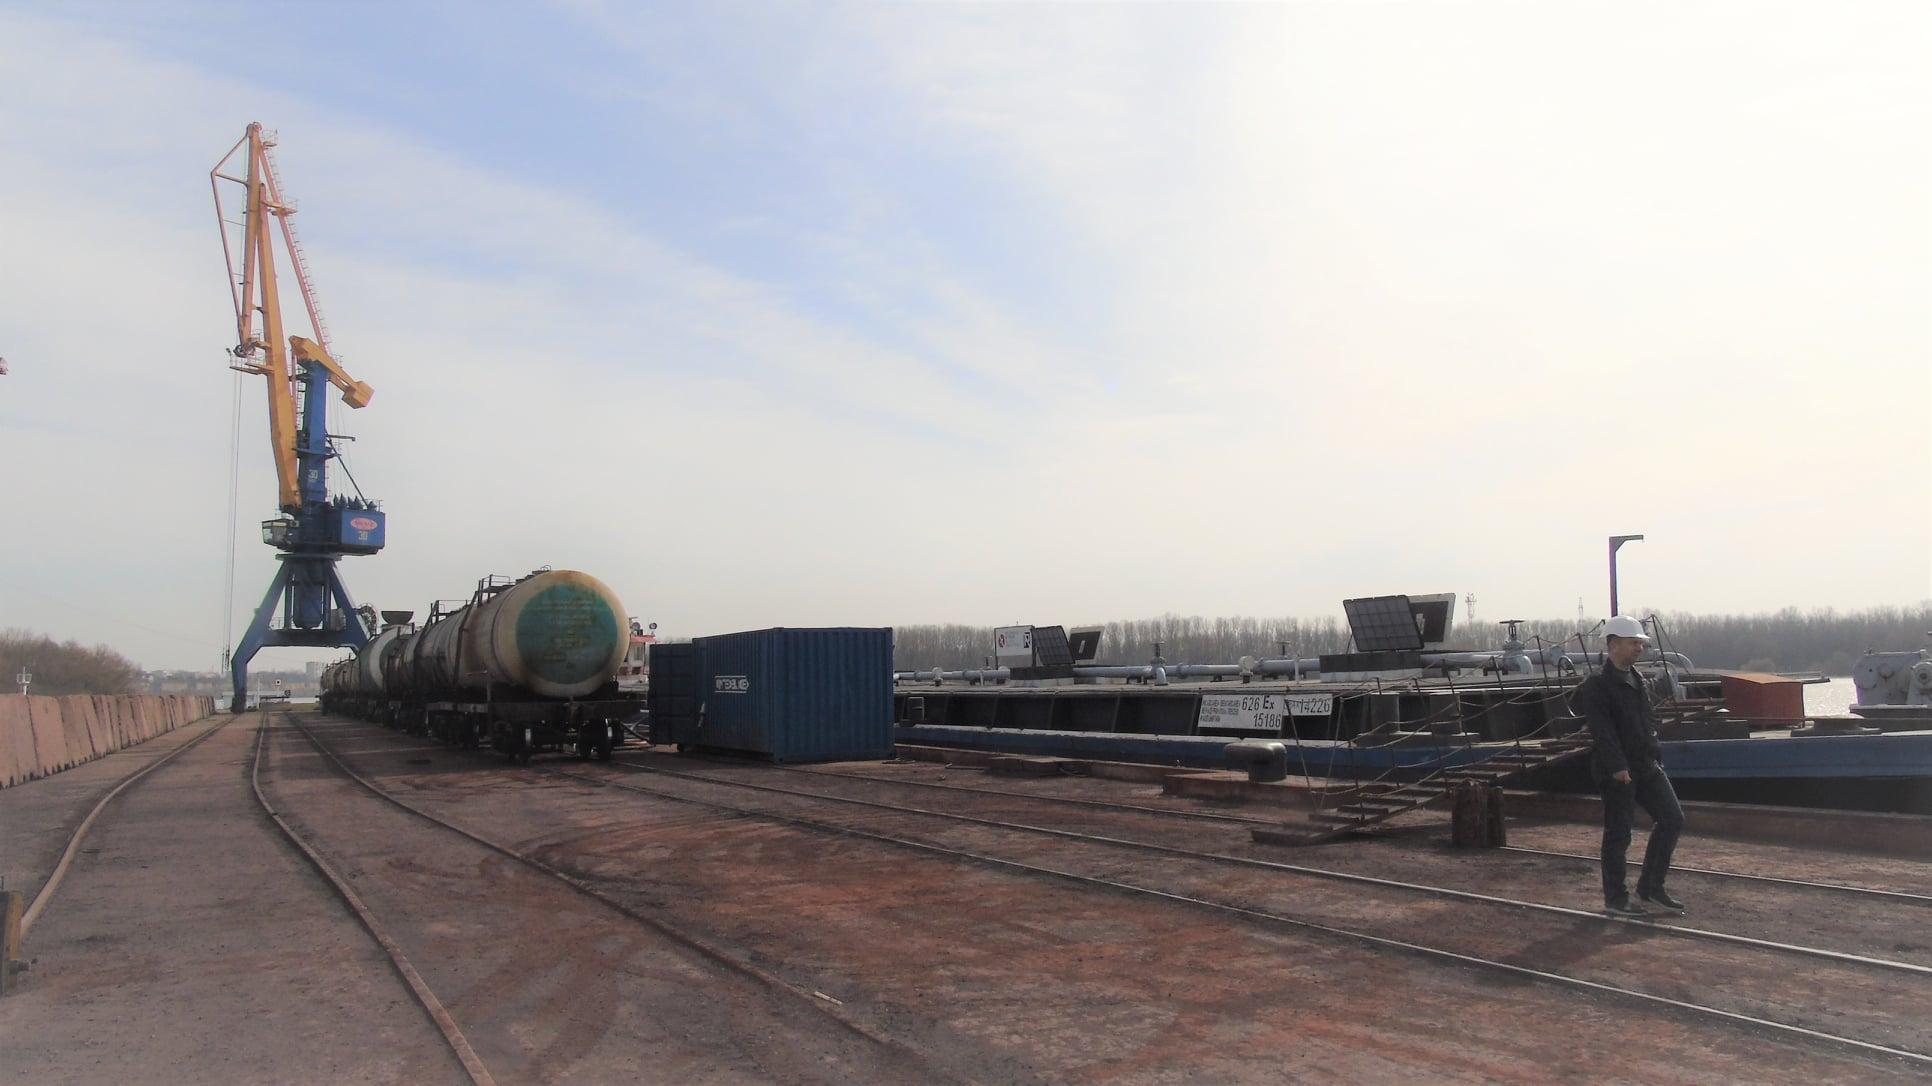 Впервые за пять лет: в Измаильском порту перегружают экспортную партию жидких удобрений